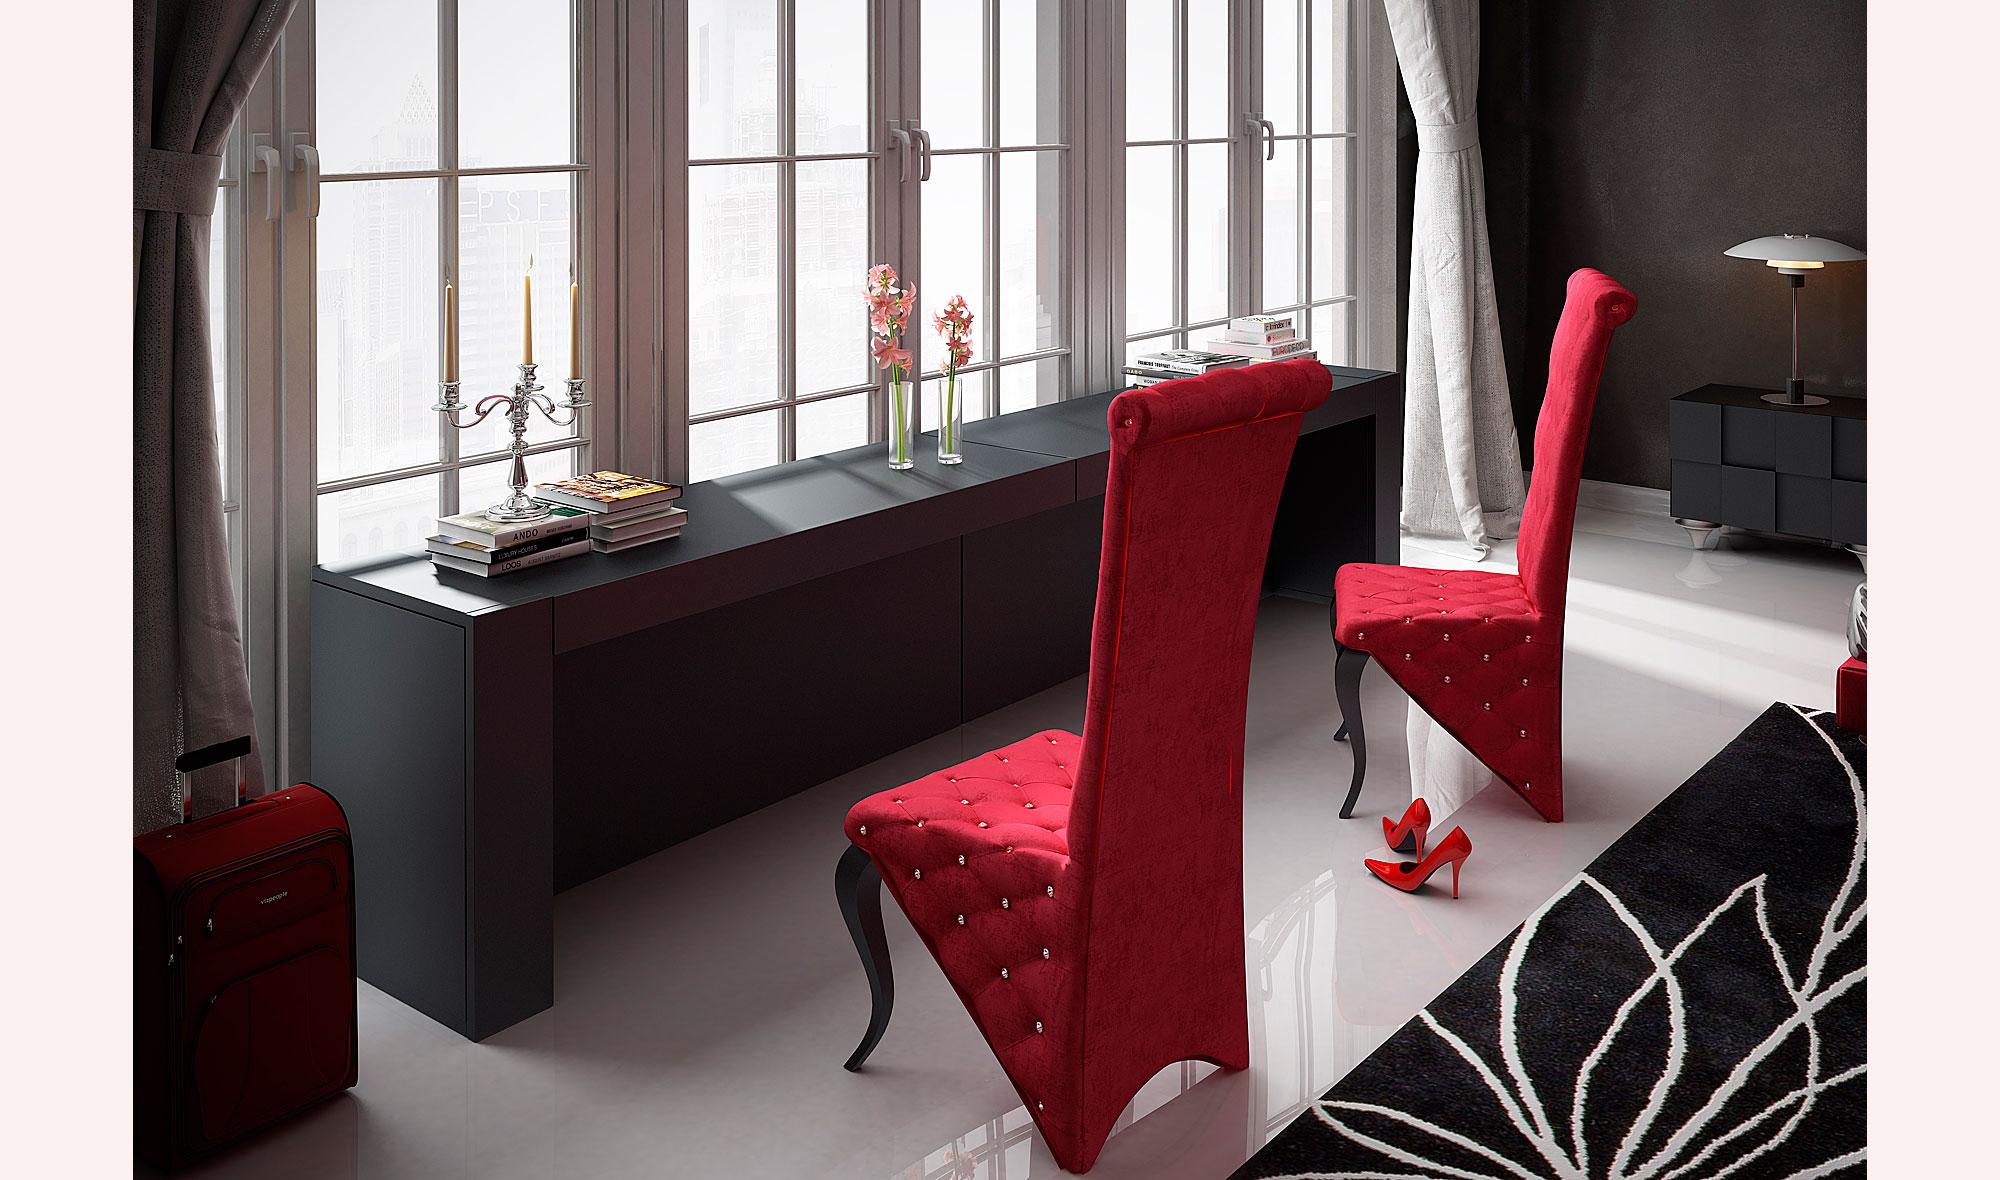 Tocador moderno bella audrey no disponible en - Mueble tocador moderno ...